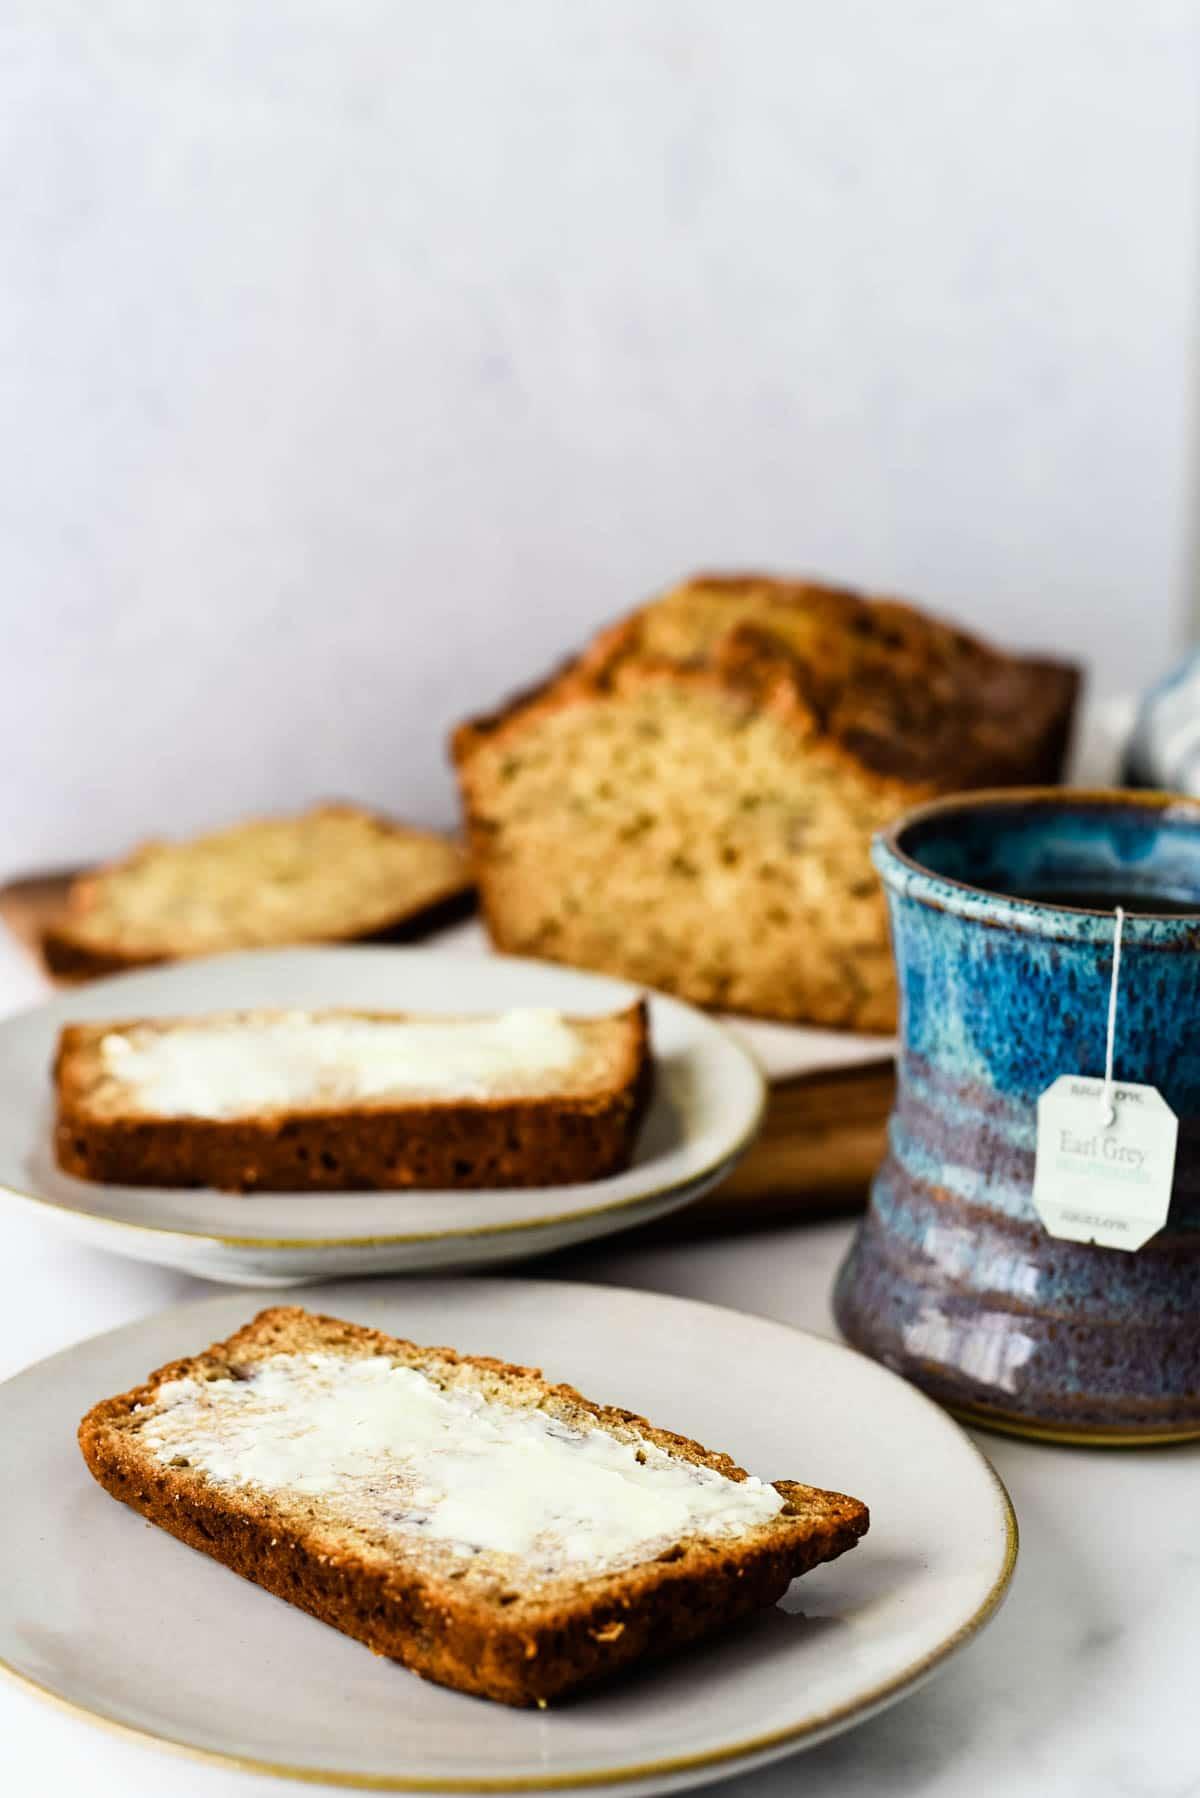 earl grey banana tea cake on plates with mug of tea beside